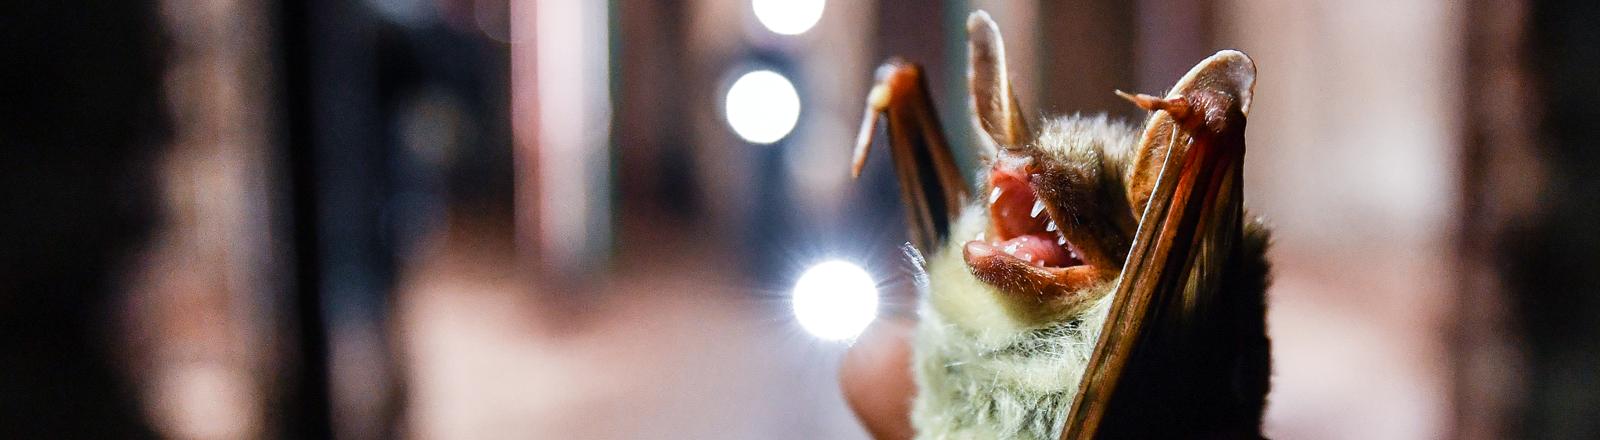 Eine Hand hält eine Fledermaus der Gattung Großes Mausohr